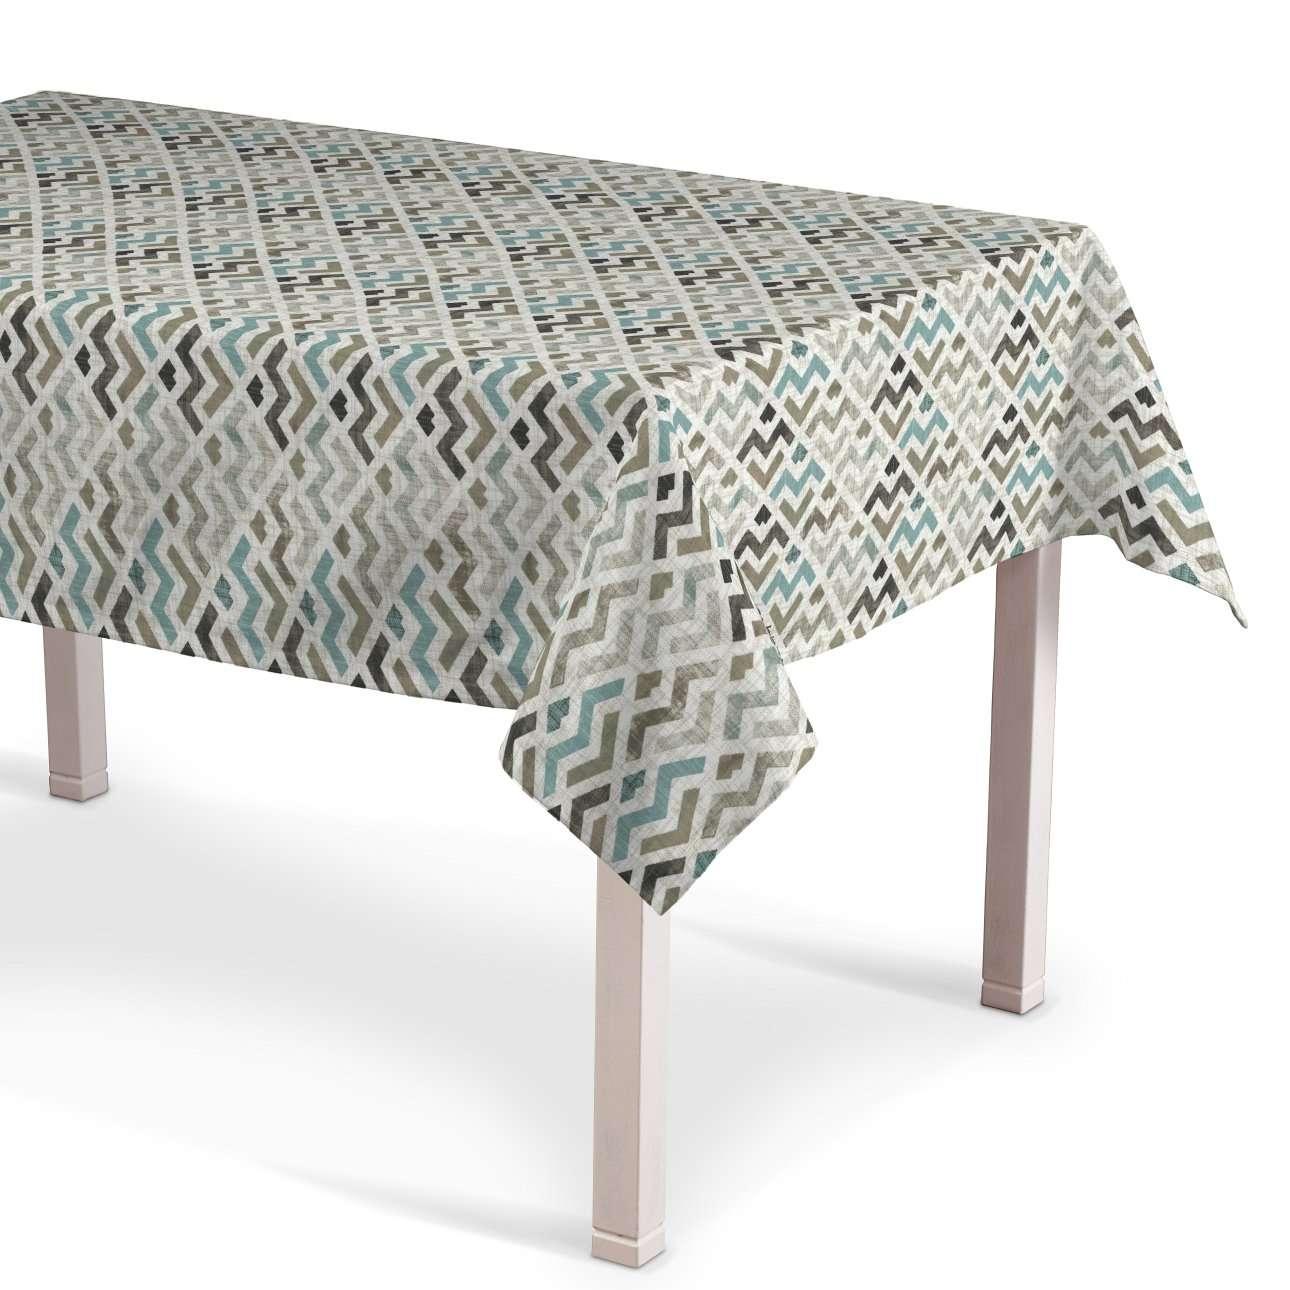 Rechteckige Tischdecke von der Kollektion Modern, Stoff: 141-93